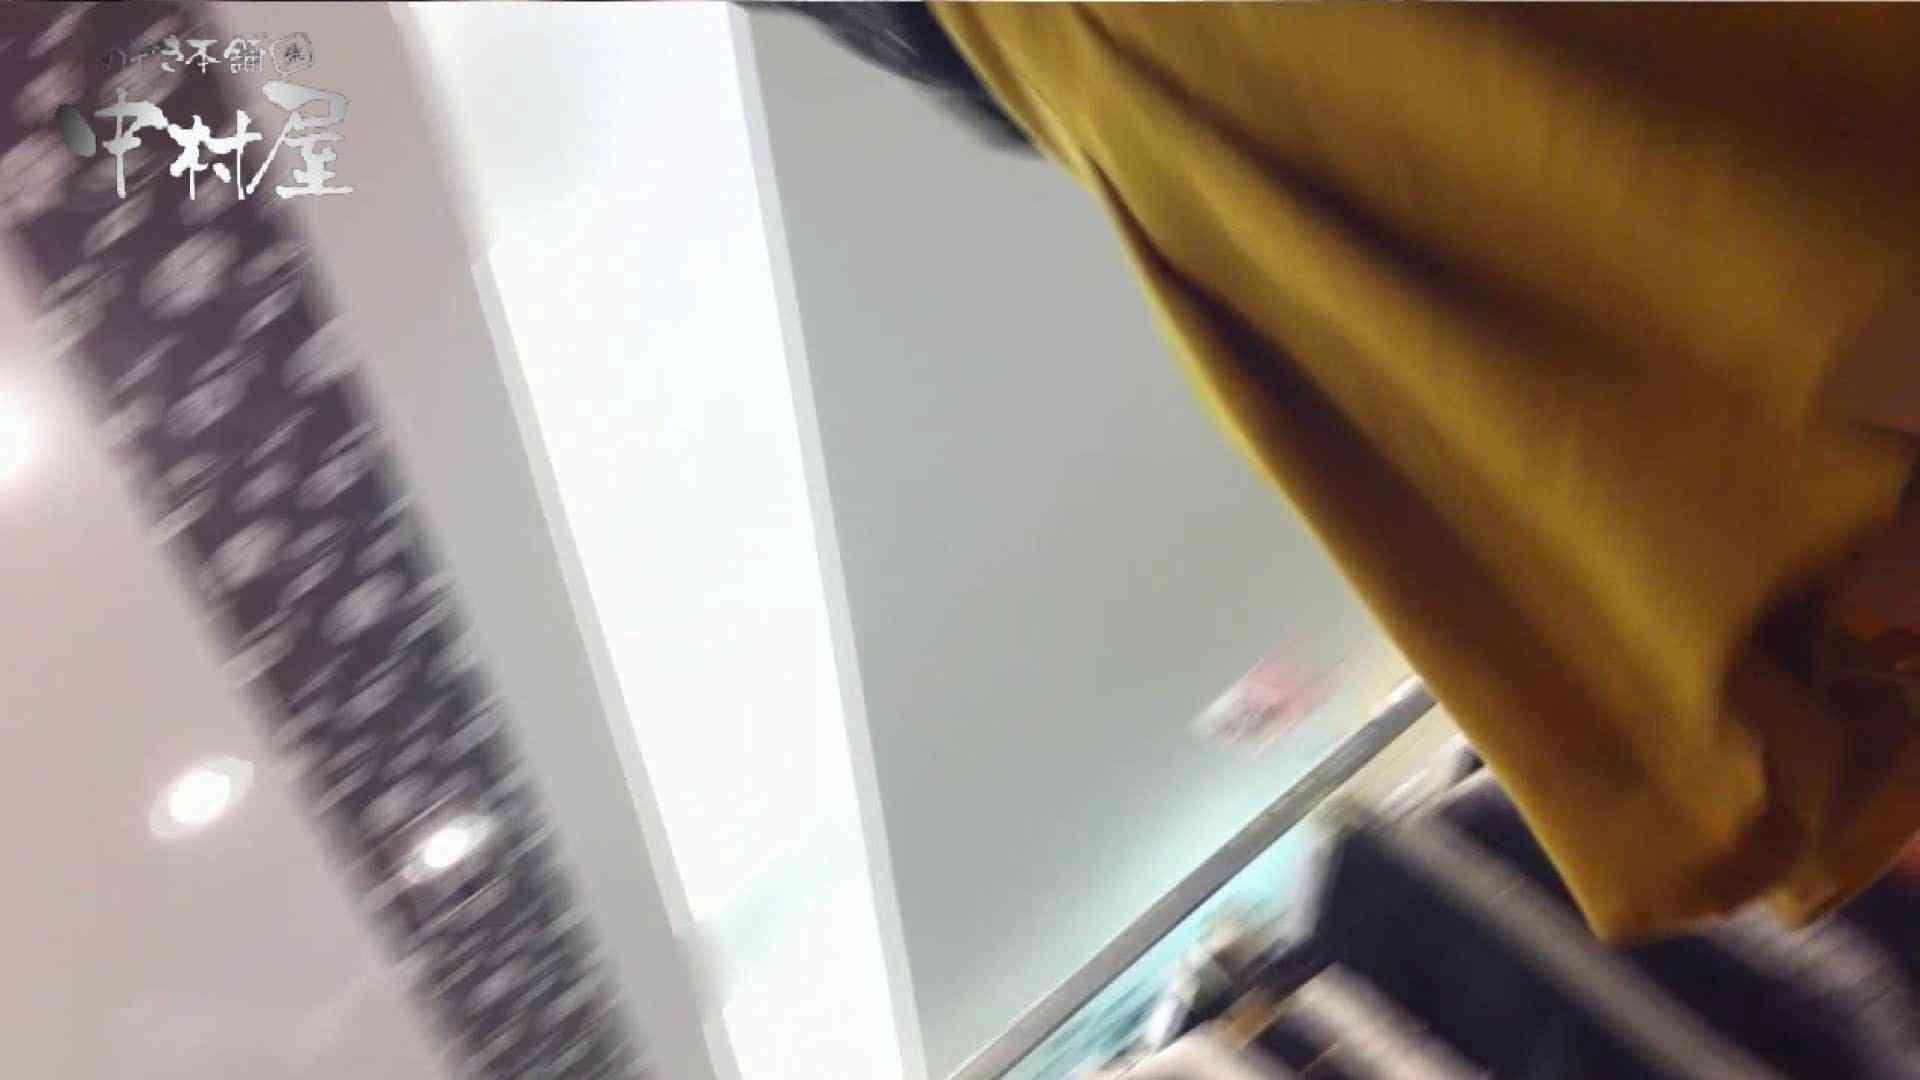 vol.66 美人アパレル胸チラ&パンチラ 店員さんのパンツはストライプ チラ | OLエロ画像  87PICs 16